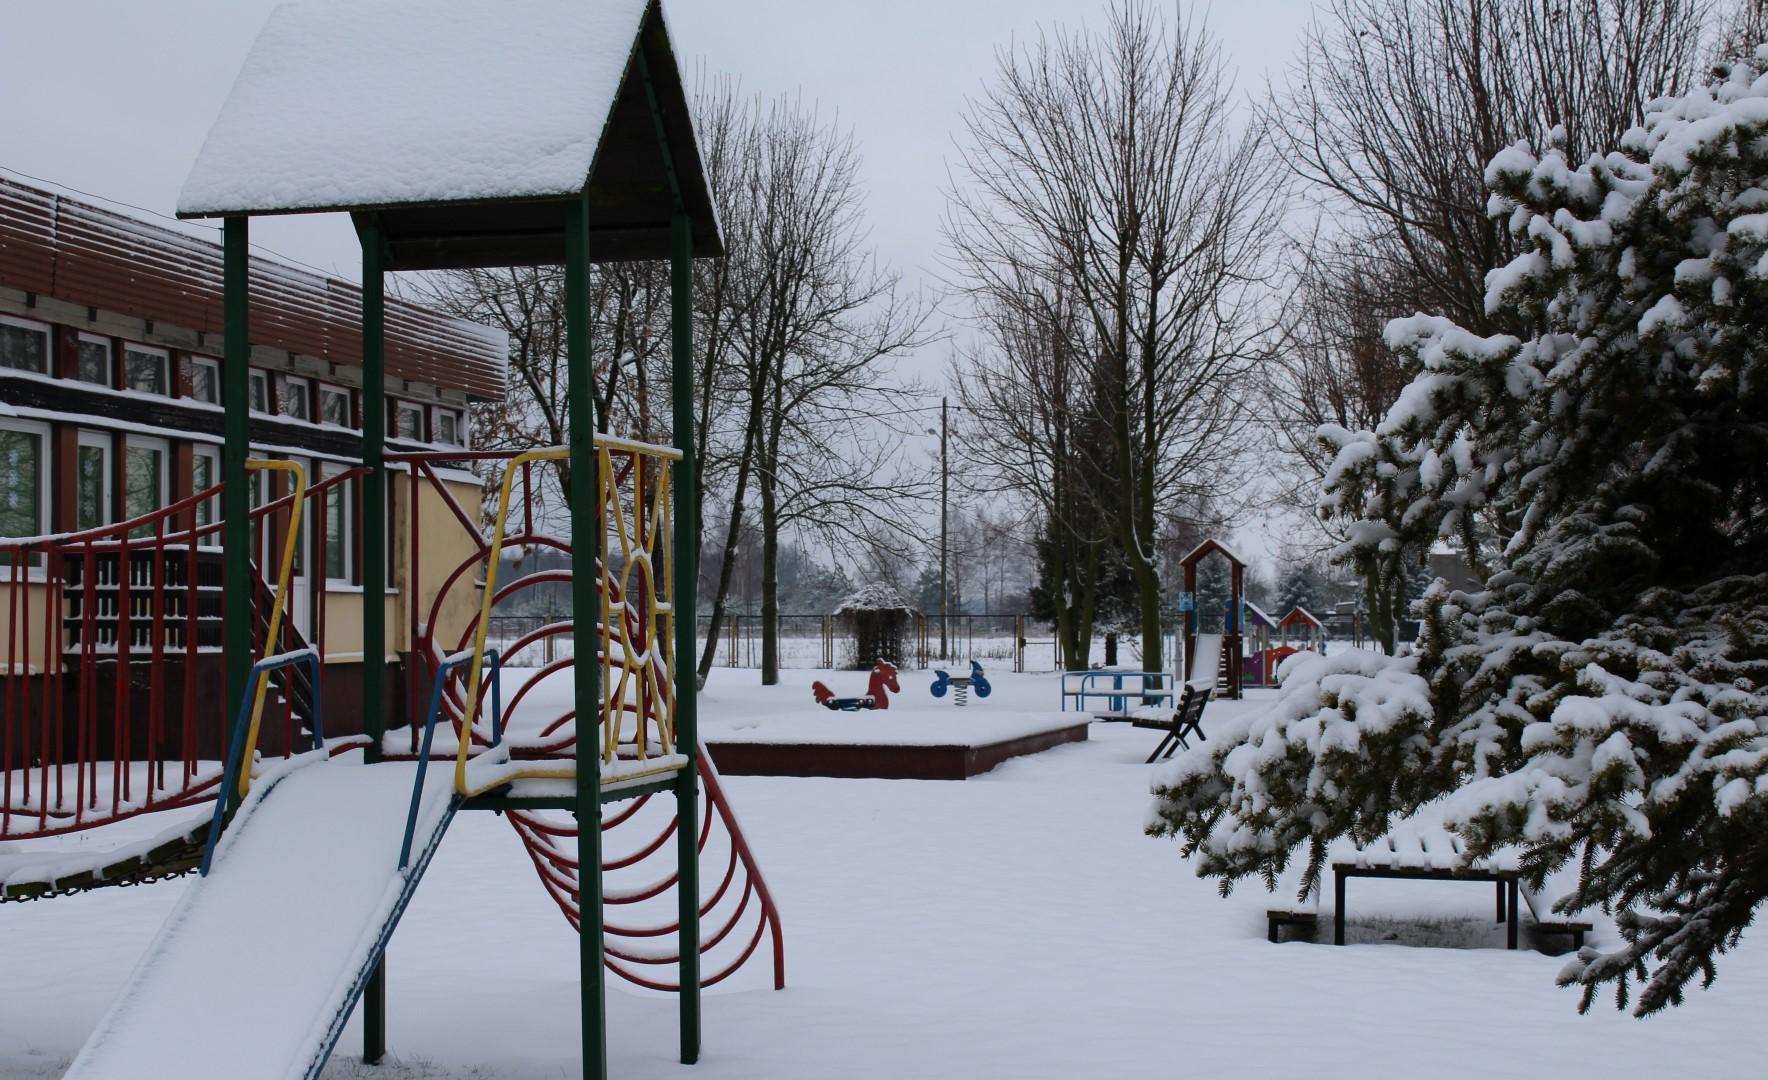 Przedszkole w zimowej odsłonie